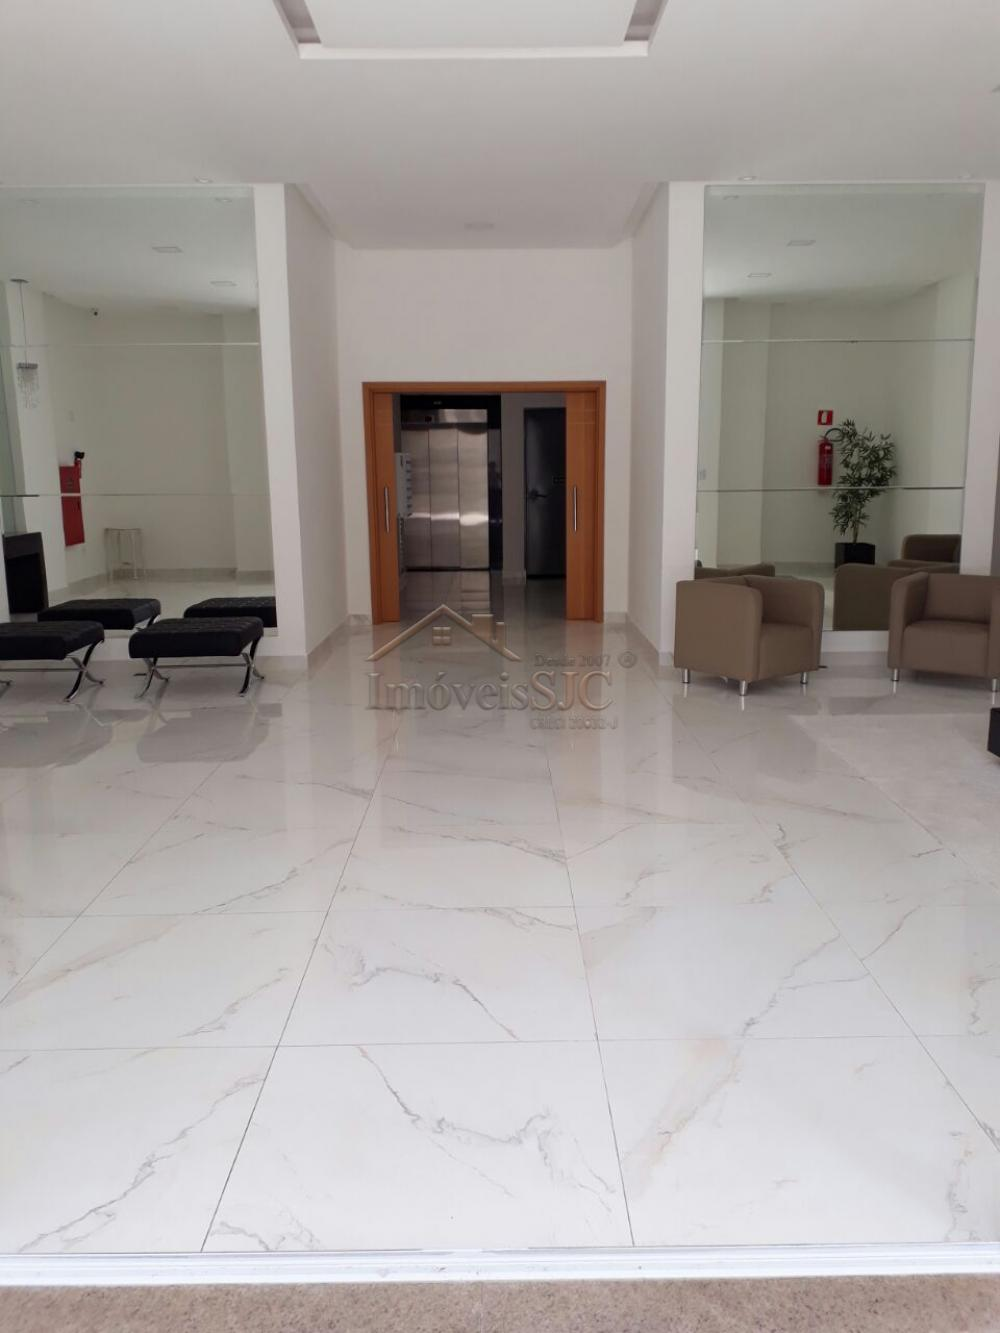 Alugar Apartamentos / Padrão em São José dos Campos apenas R$ 2.800,00 - Foto 17